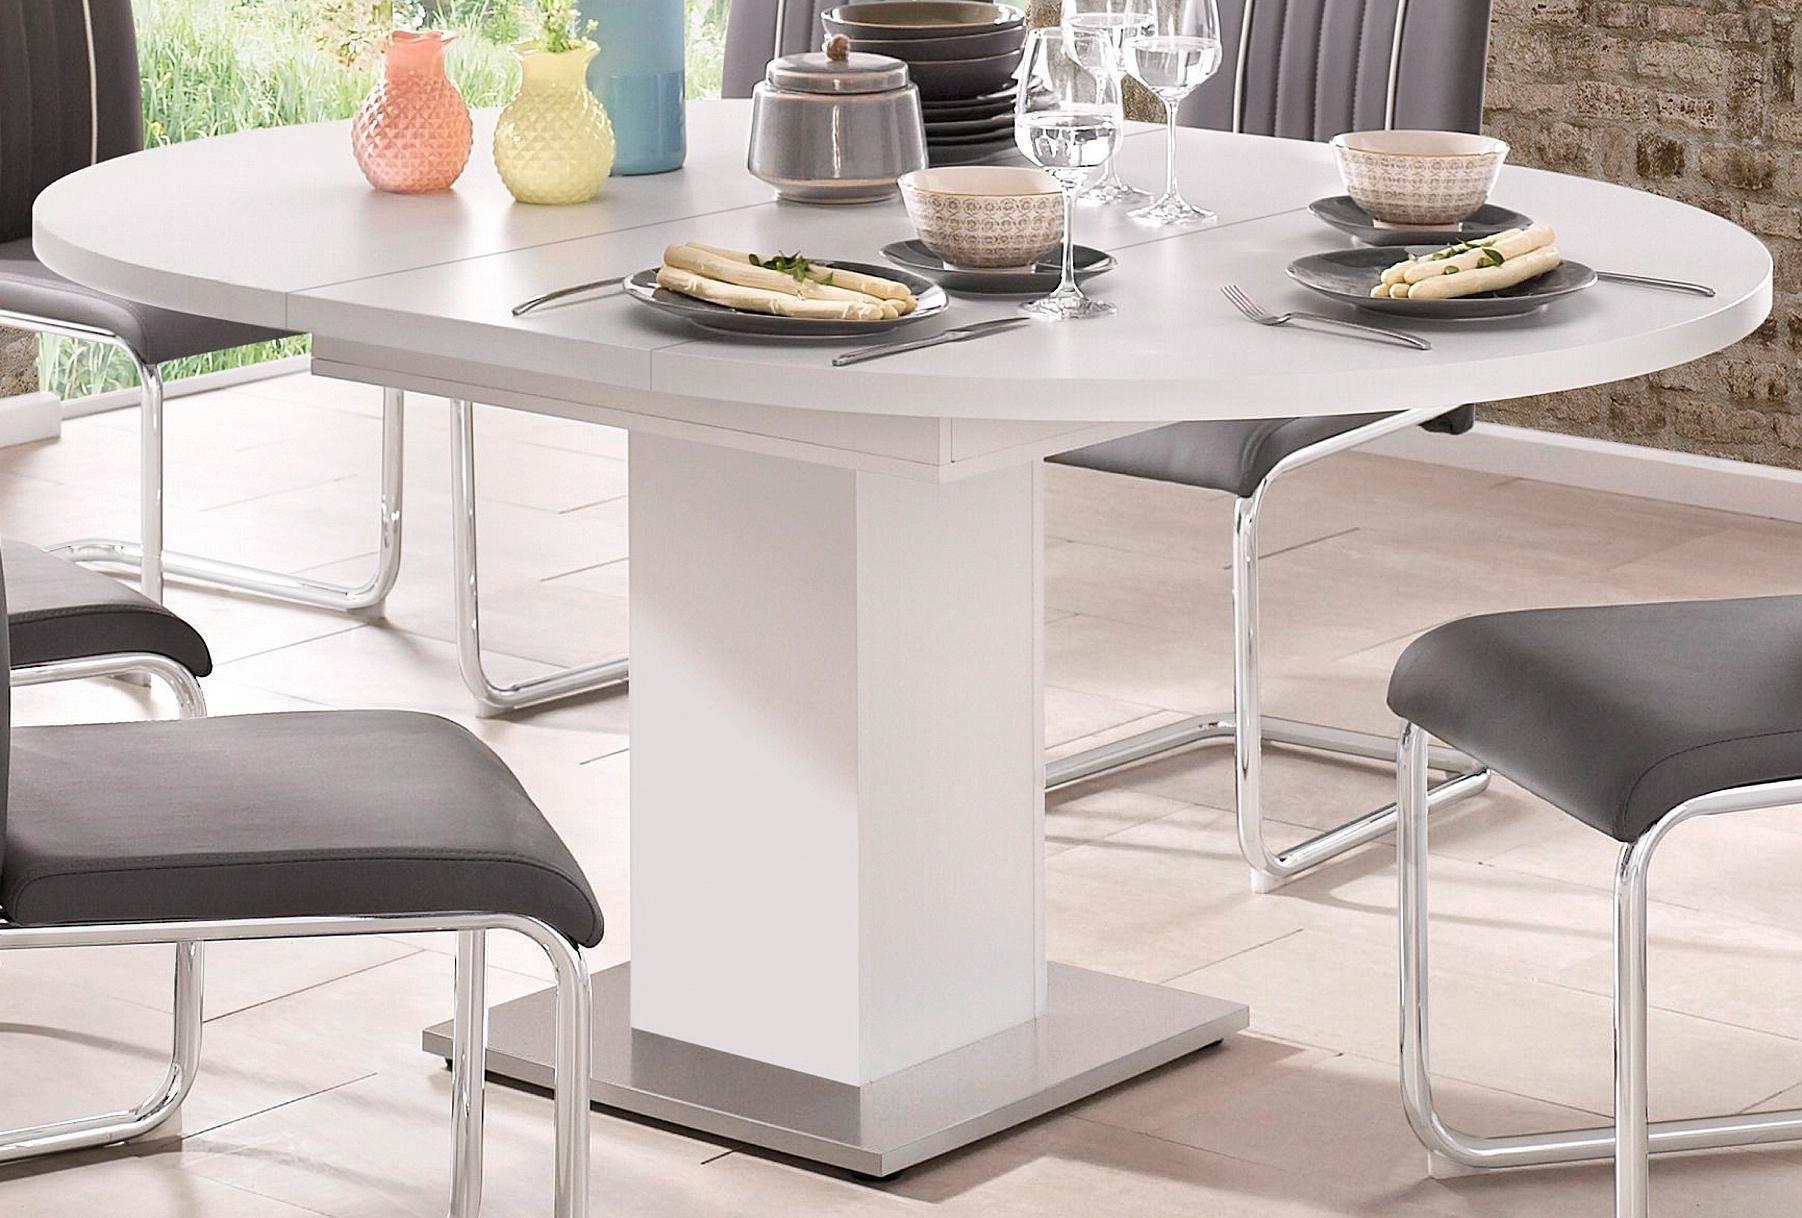 Tischplatte rund 120 cm buche preisvergleich die besten for Runder esstisch modern